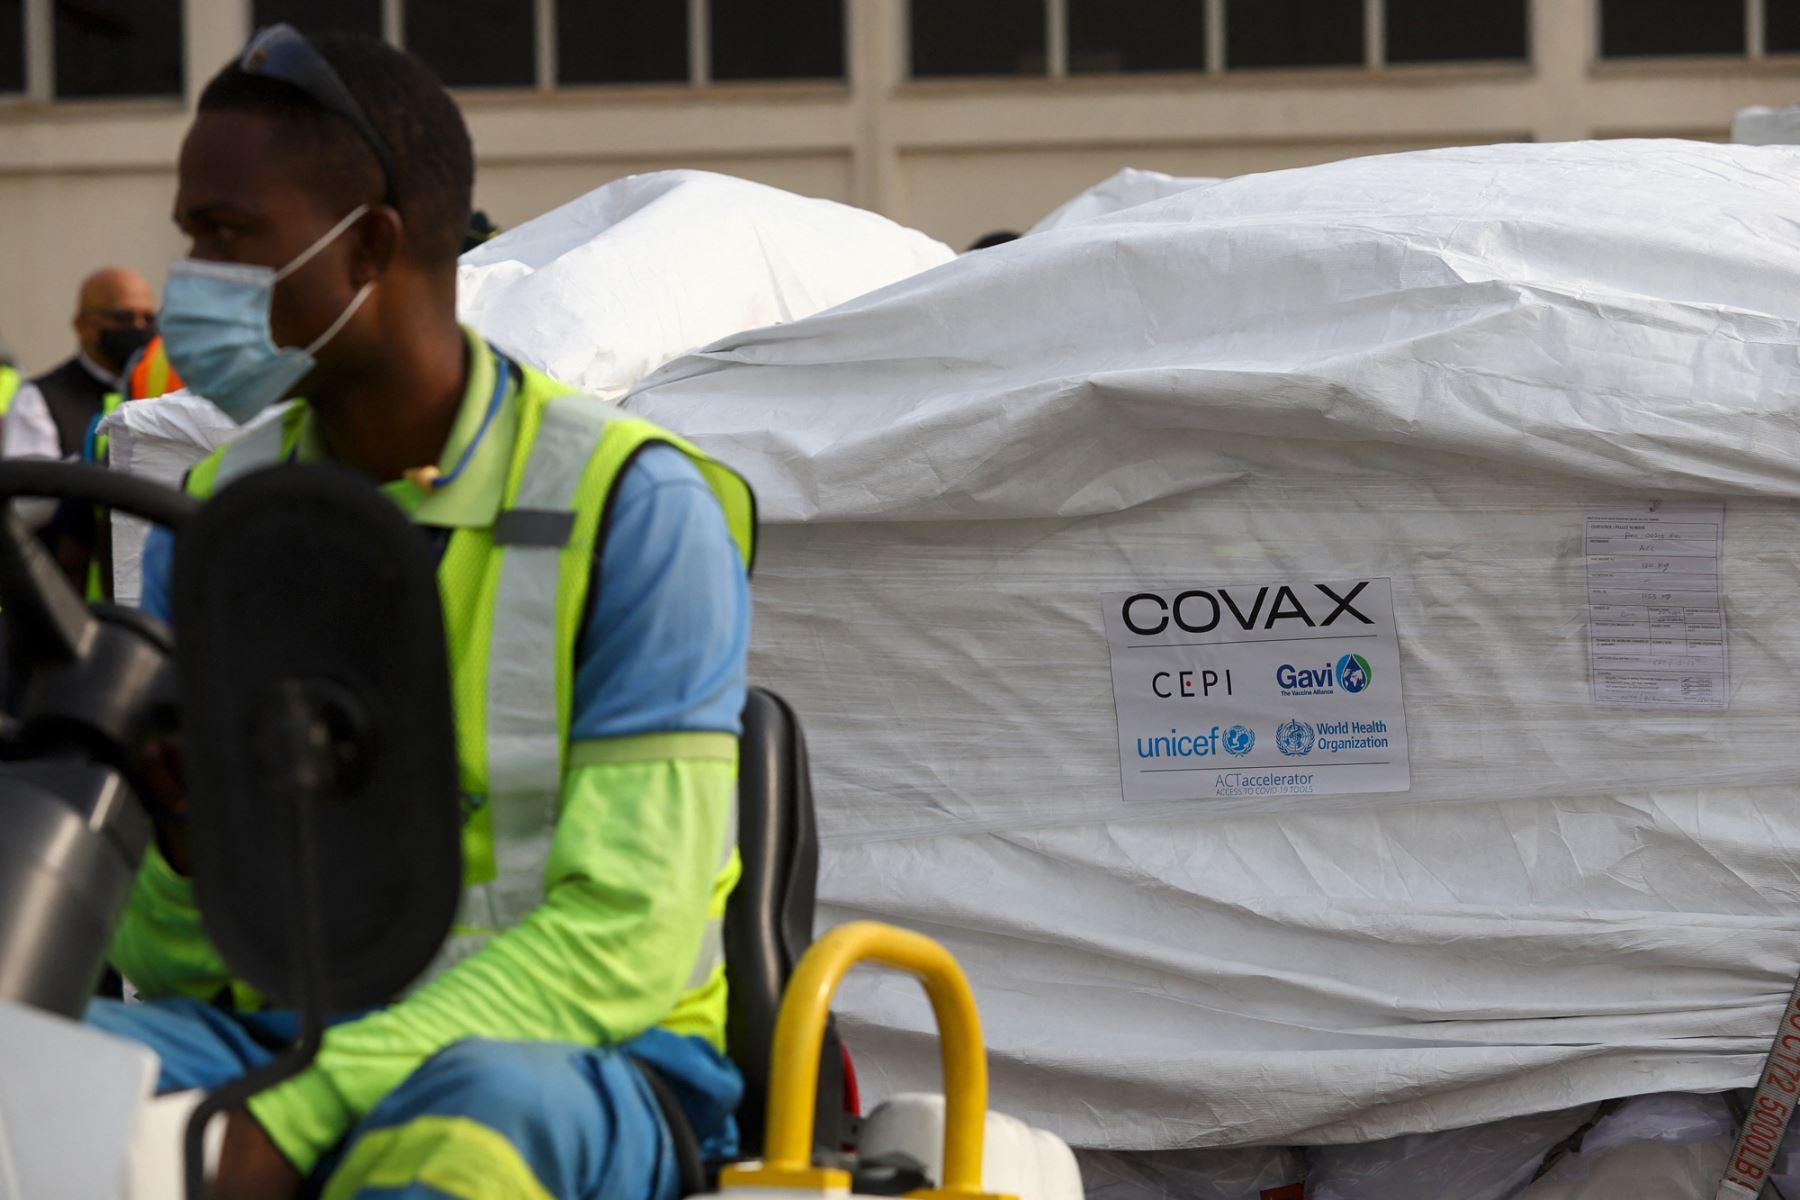 Ghana recibió el primer envío de vacunas AstraZeneca/ Oxford contra la Covid-19 adquiridas a través del mecanismo COVAX, en el Aeropuerto Internacional de Kotoka, en Accra, el 24 de febrero del 2021. Foto: AFP